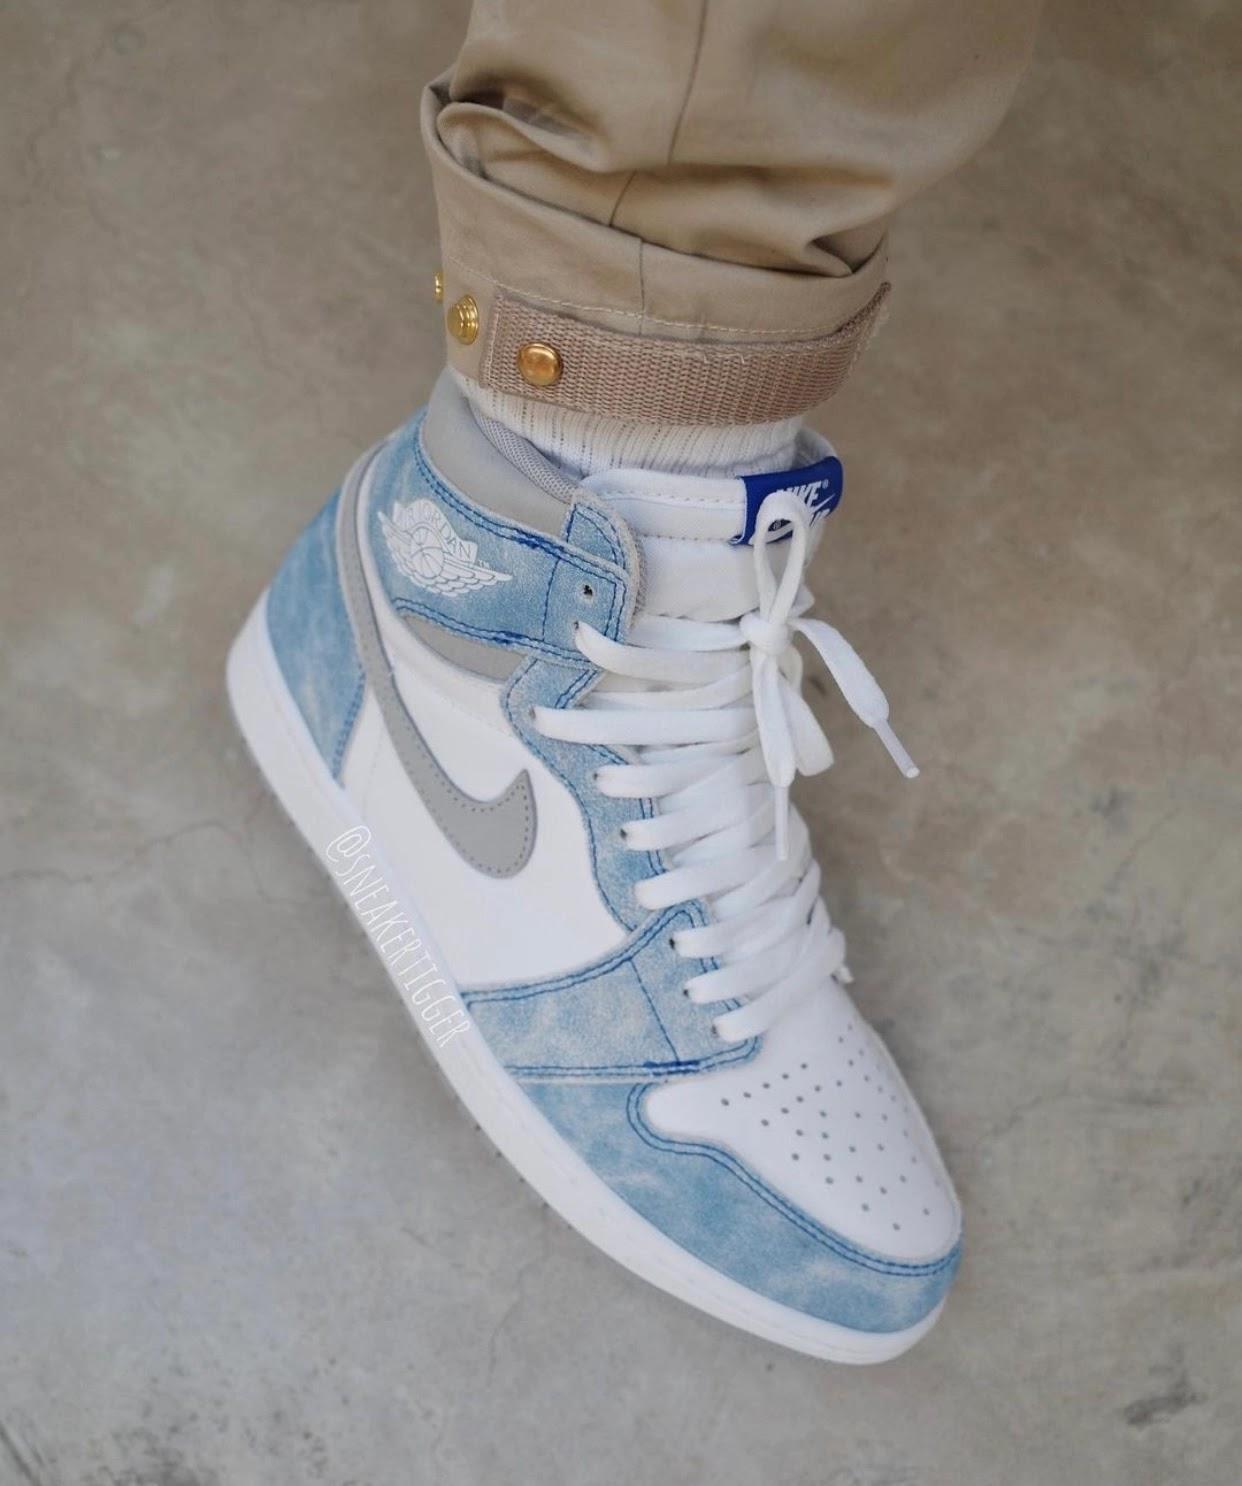 """ナイキ エア ジョーダン 1 ハイ OG """"ハイパーロイヤル"""" Nike-Air-Jordan-1-Hyper-Royal-555088-402-2-on-foot"""